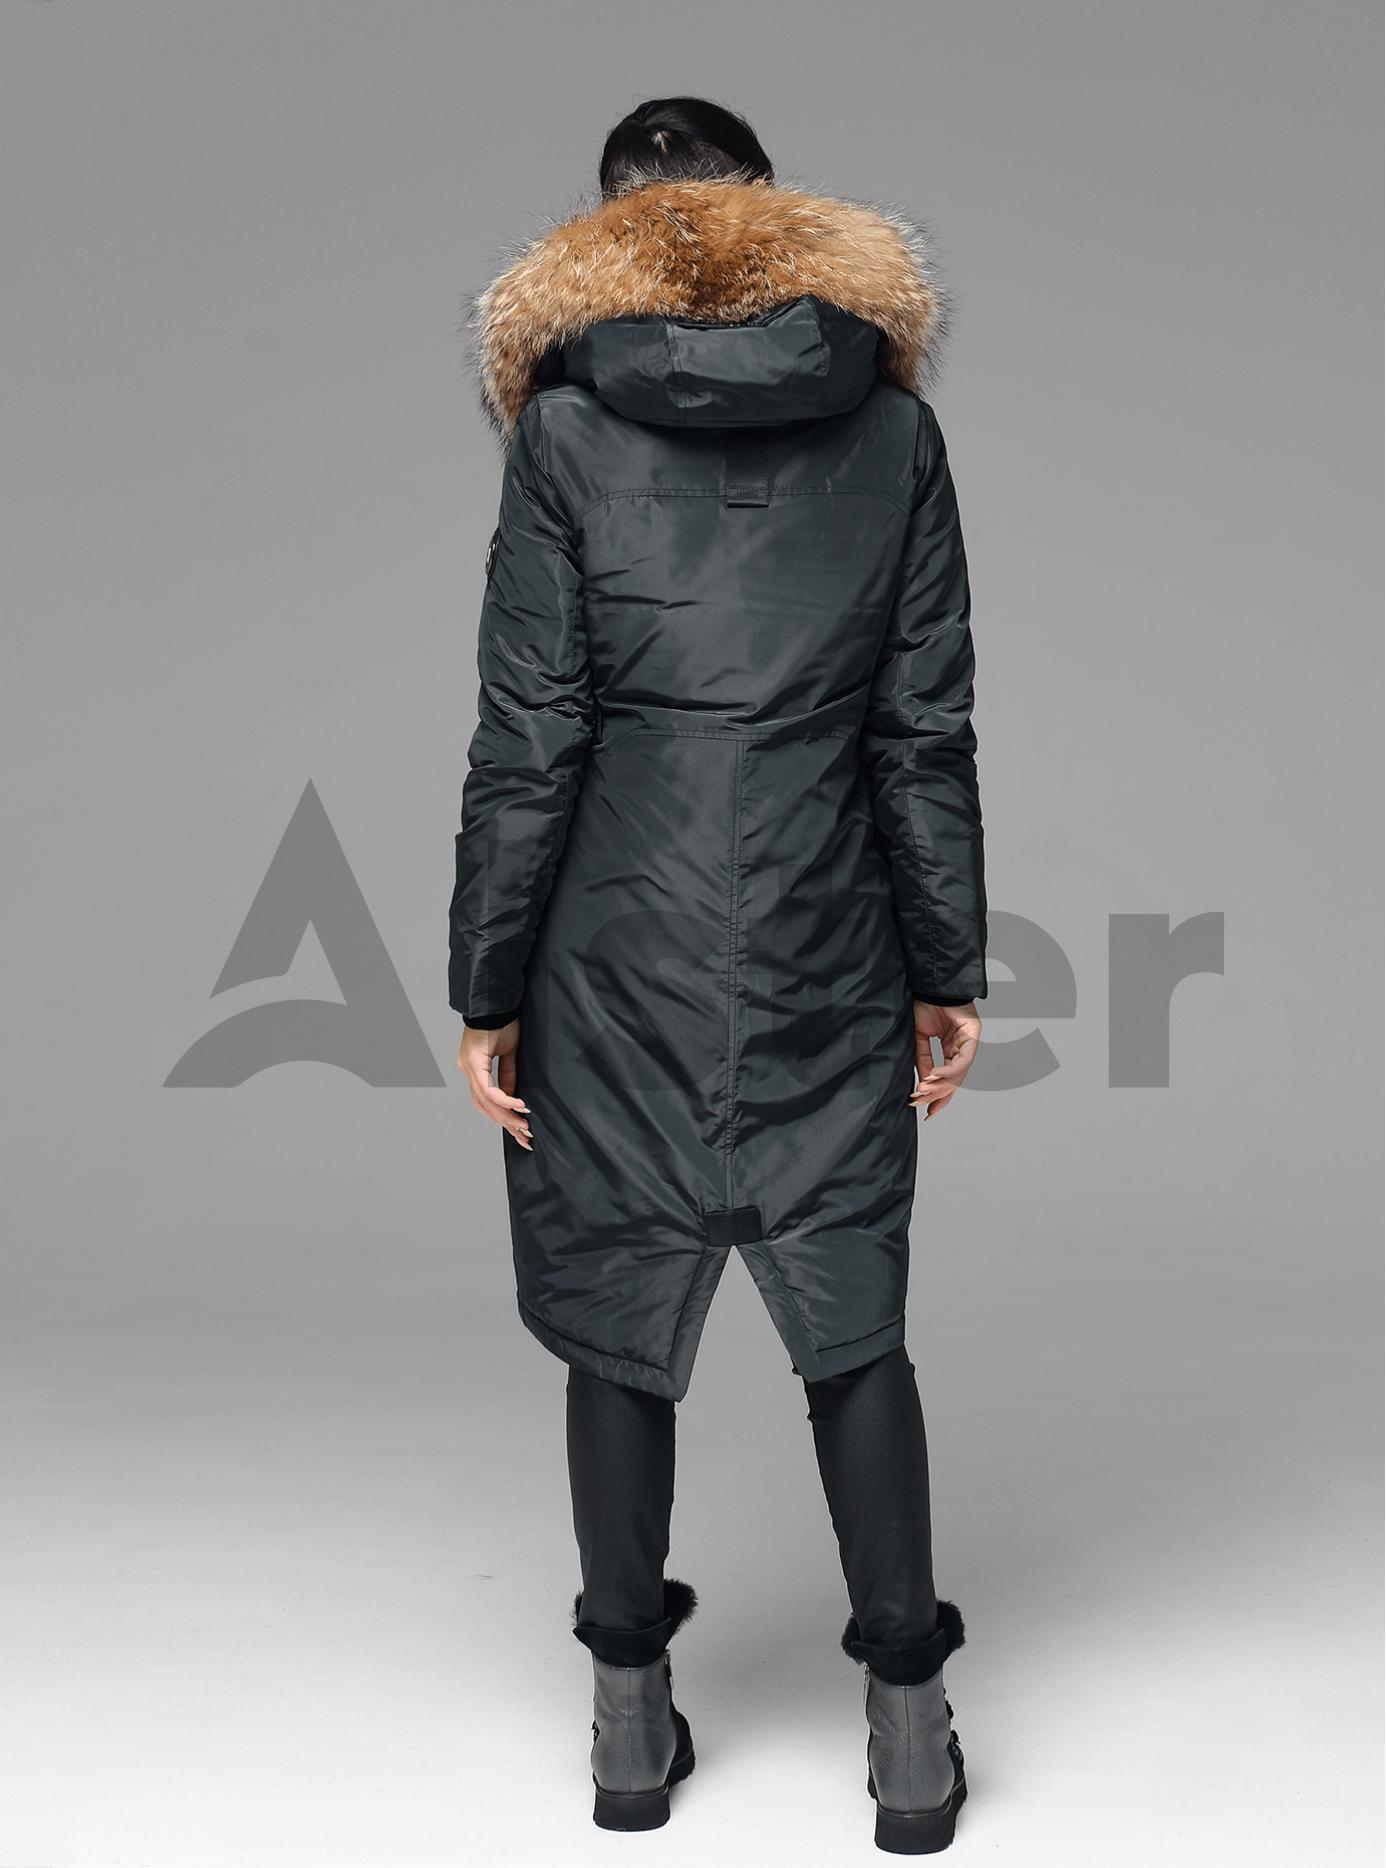 Куртка зимняя длинная прямого кроя с мехом енота Тёмно-зелёный L (05-V191247): фото - Alster.ua